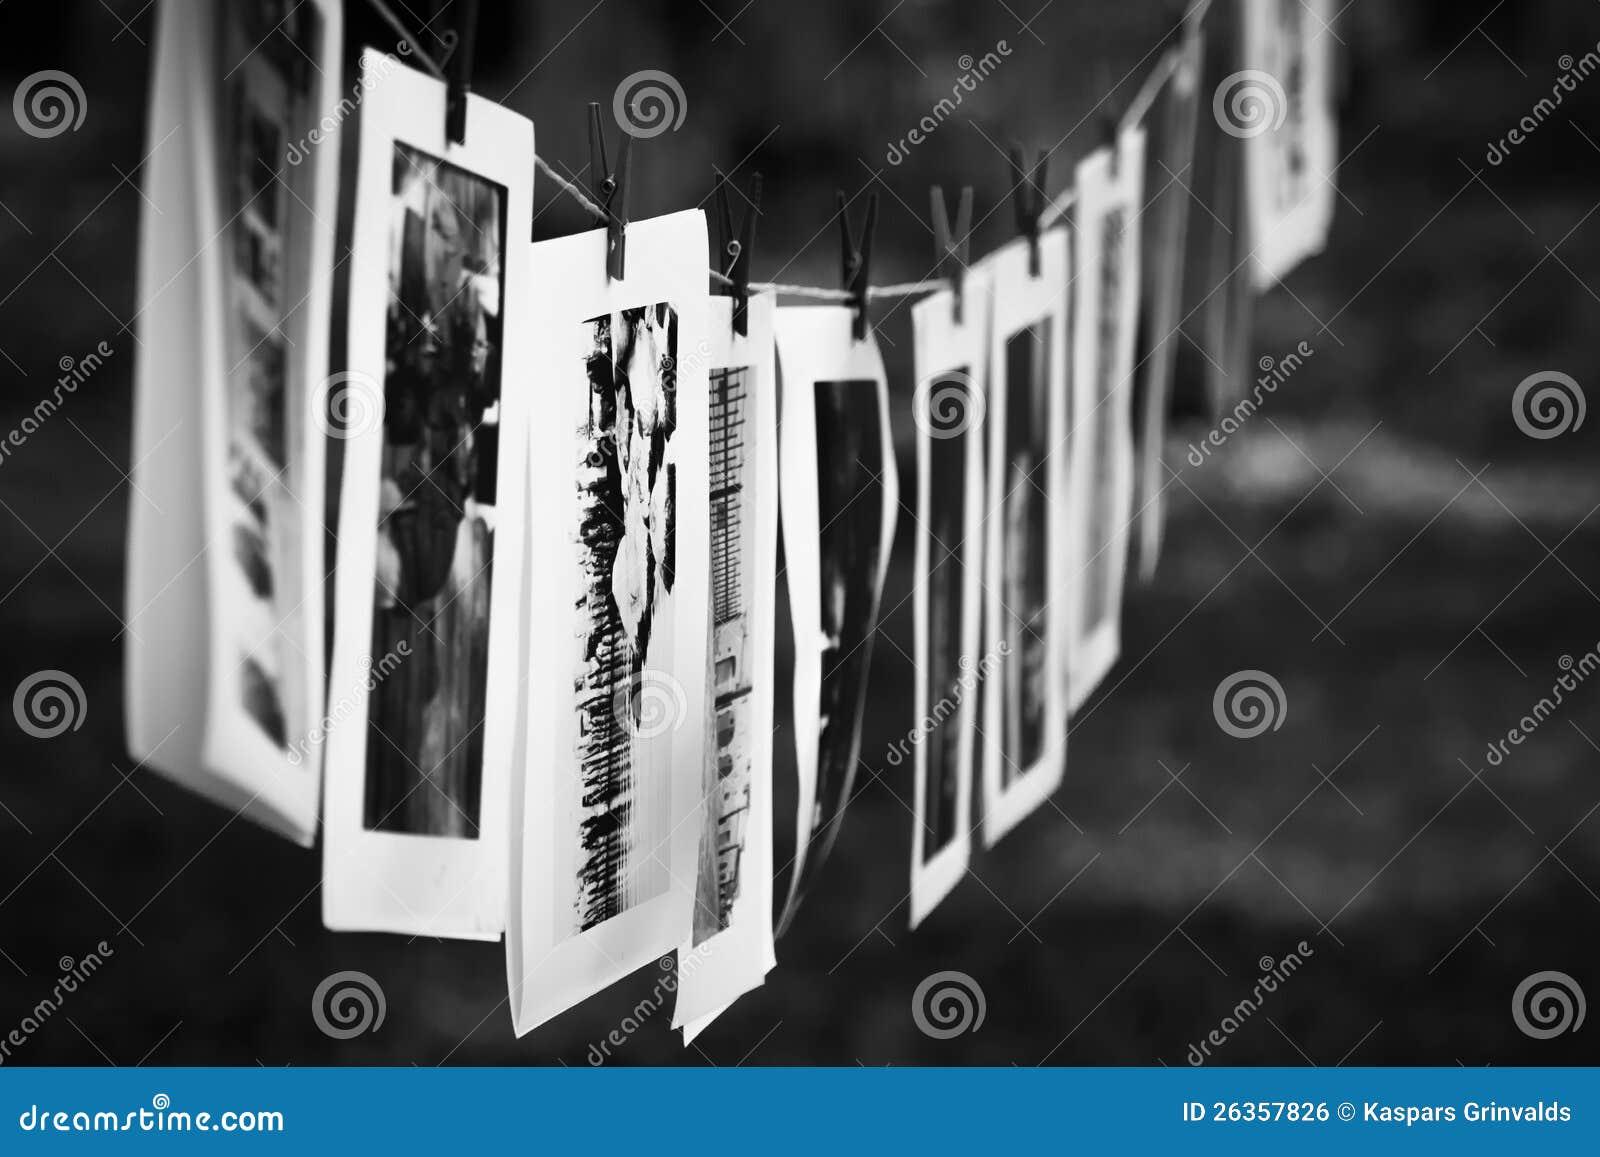 Fotografías blancos y negros